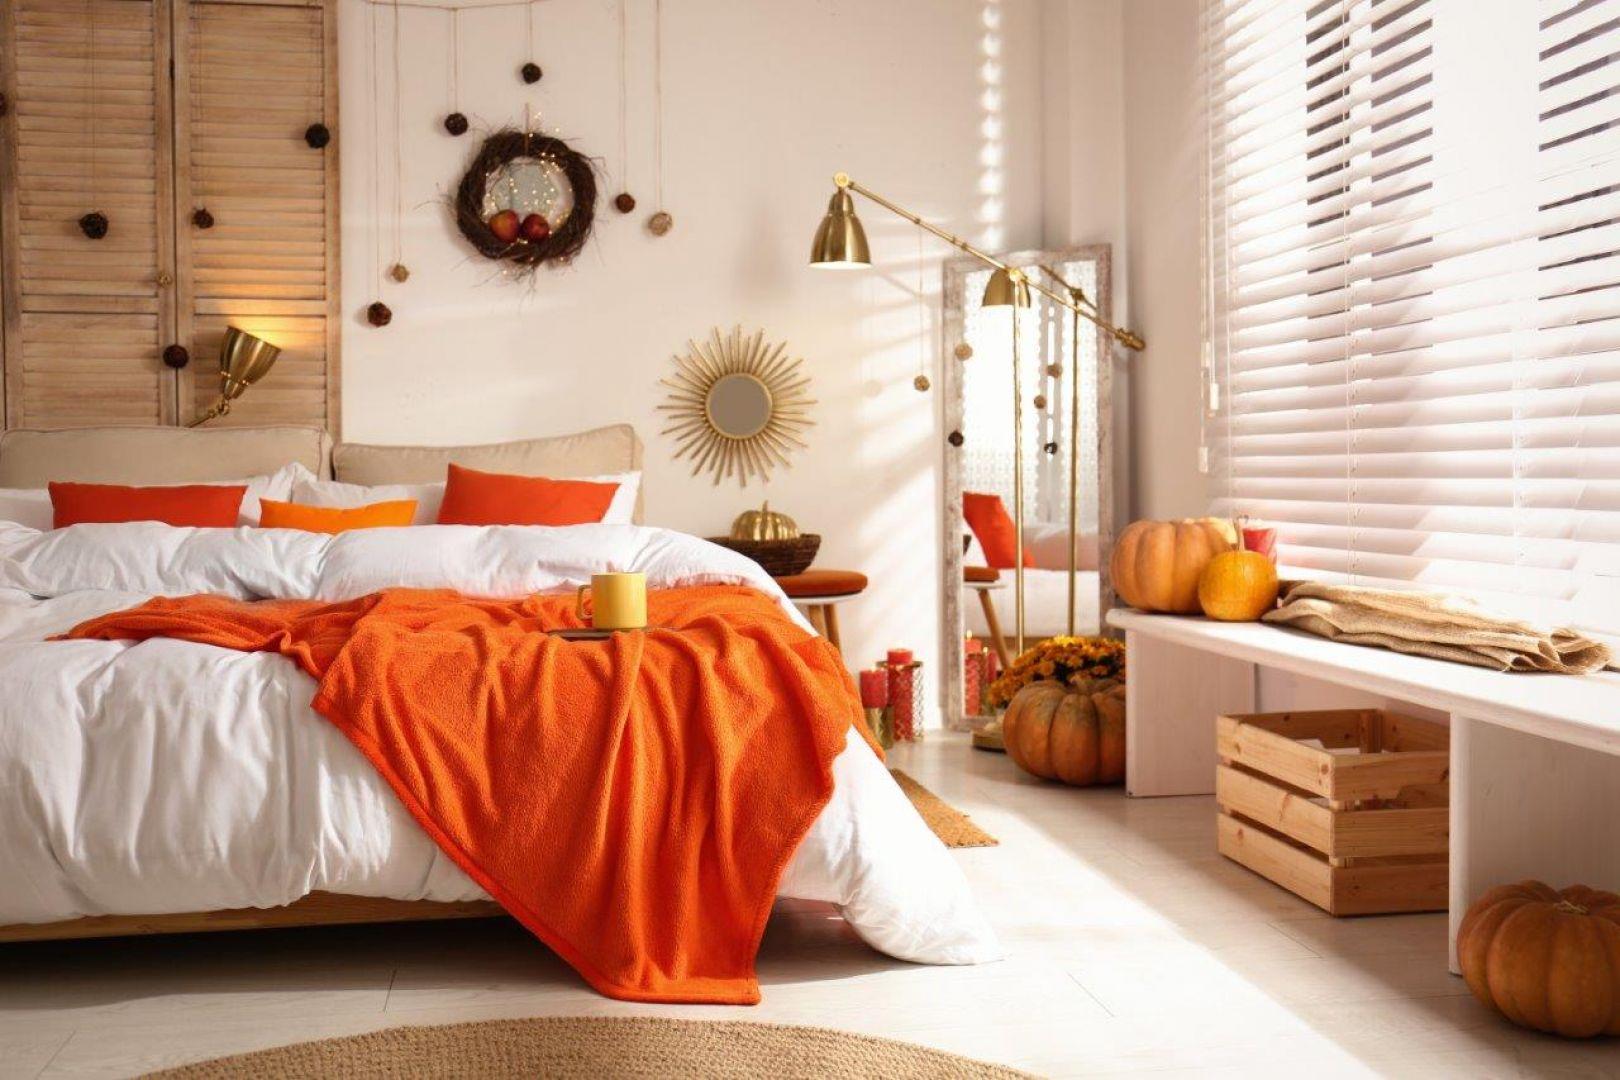 Jesienne barwy i własnoręczne dekoracje dodadzą sypialni uroku. Fot.RuckZuck